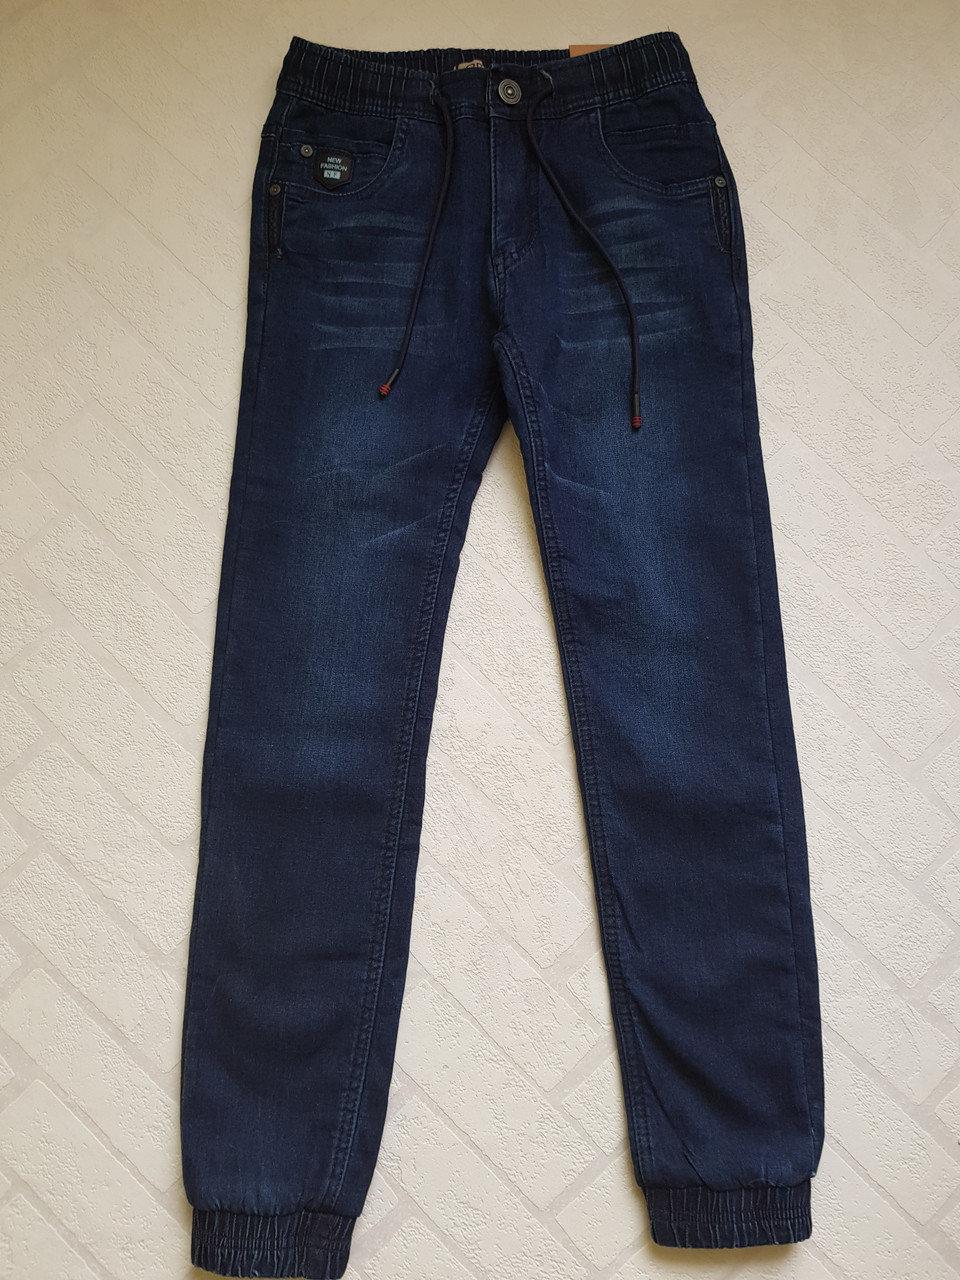 Утеплённые,ДЖИНСОВЫЕ брюки ДЖОГГЕРЫ для мальчиков ,.Размеры 134-164 см см.Фирма GRACE.Венгрия